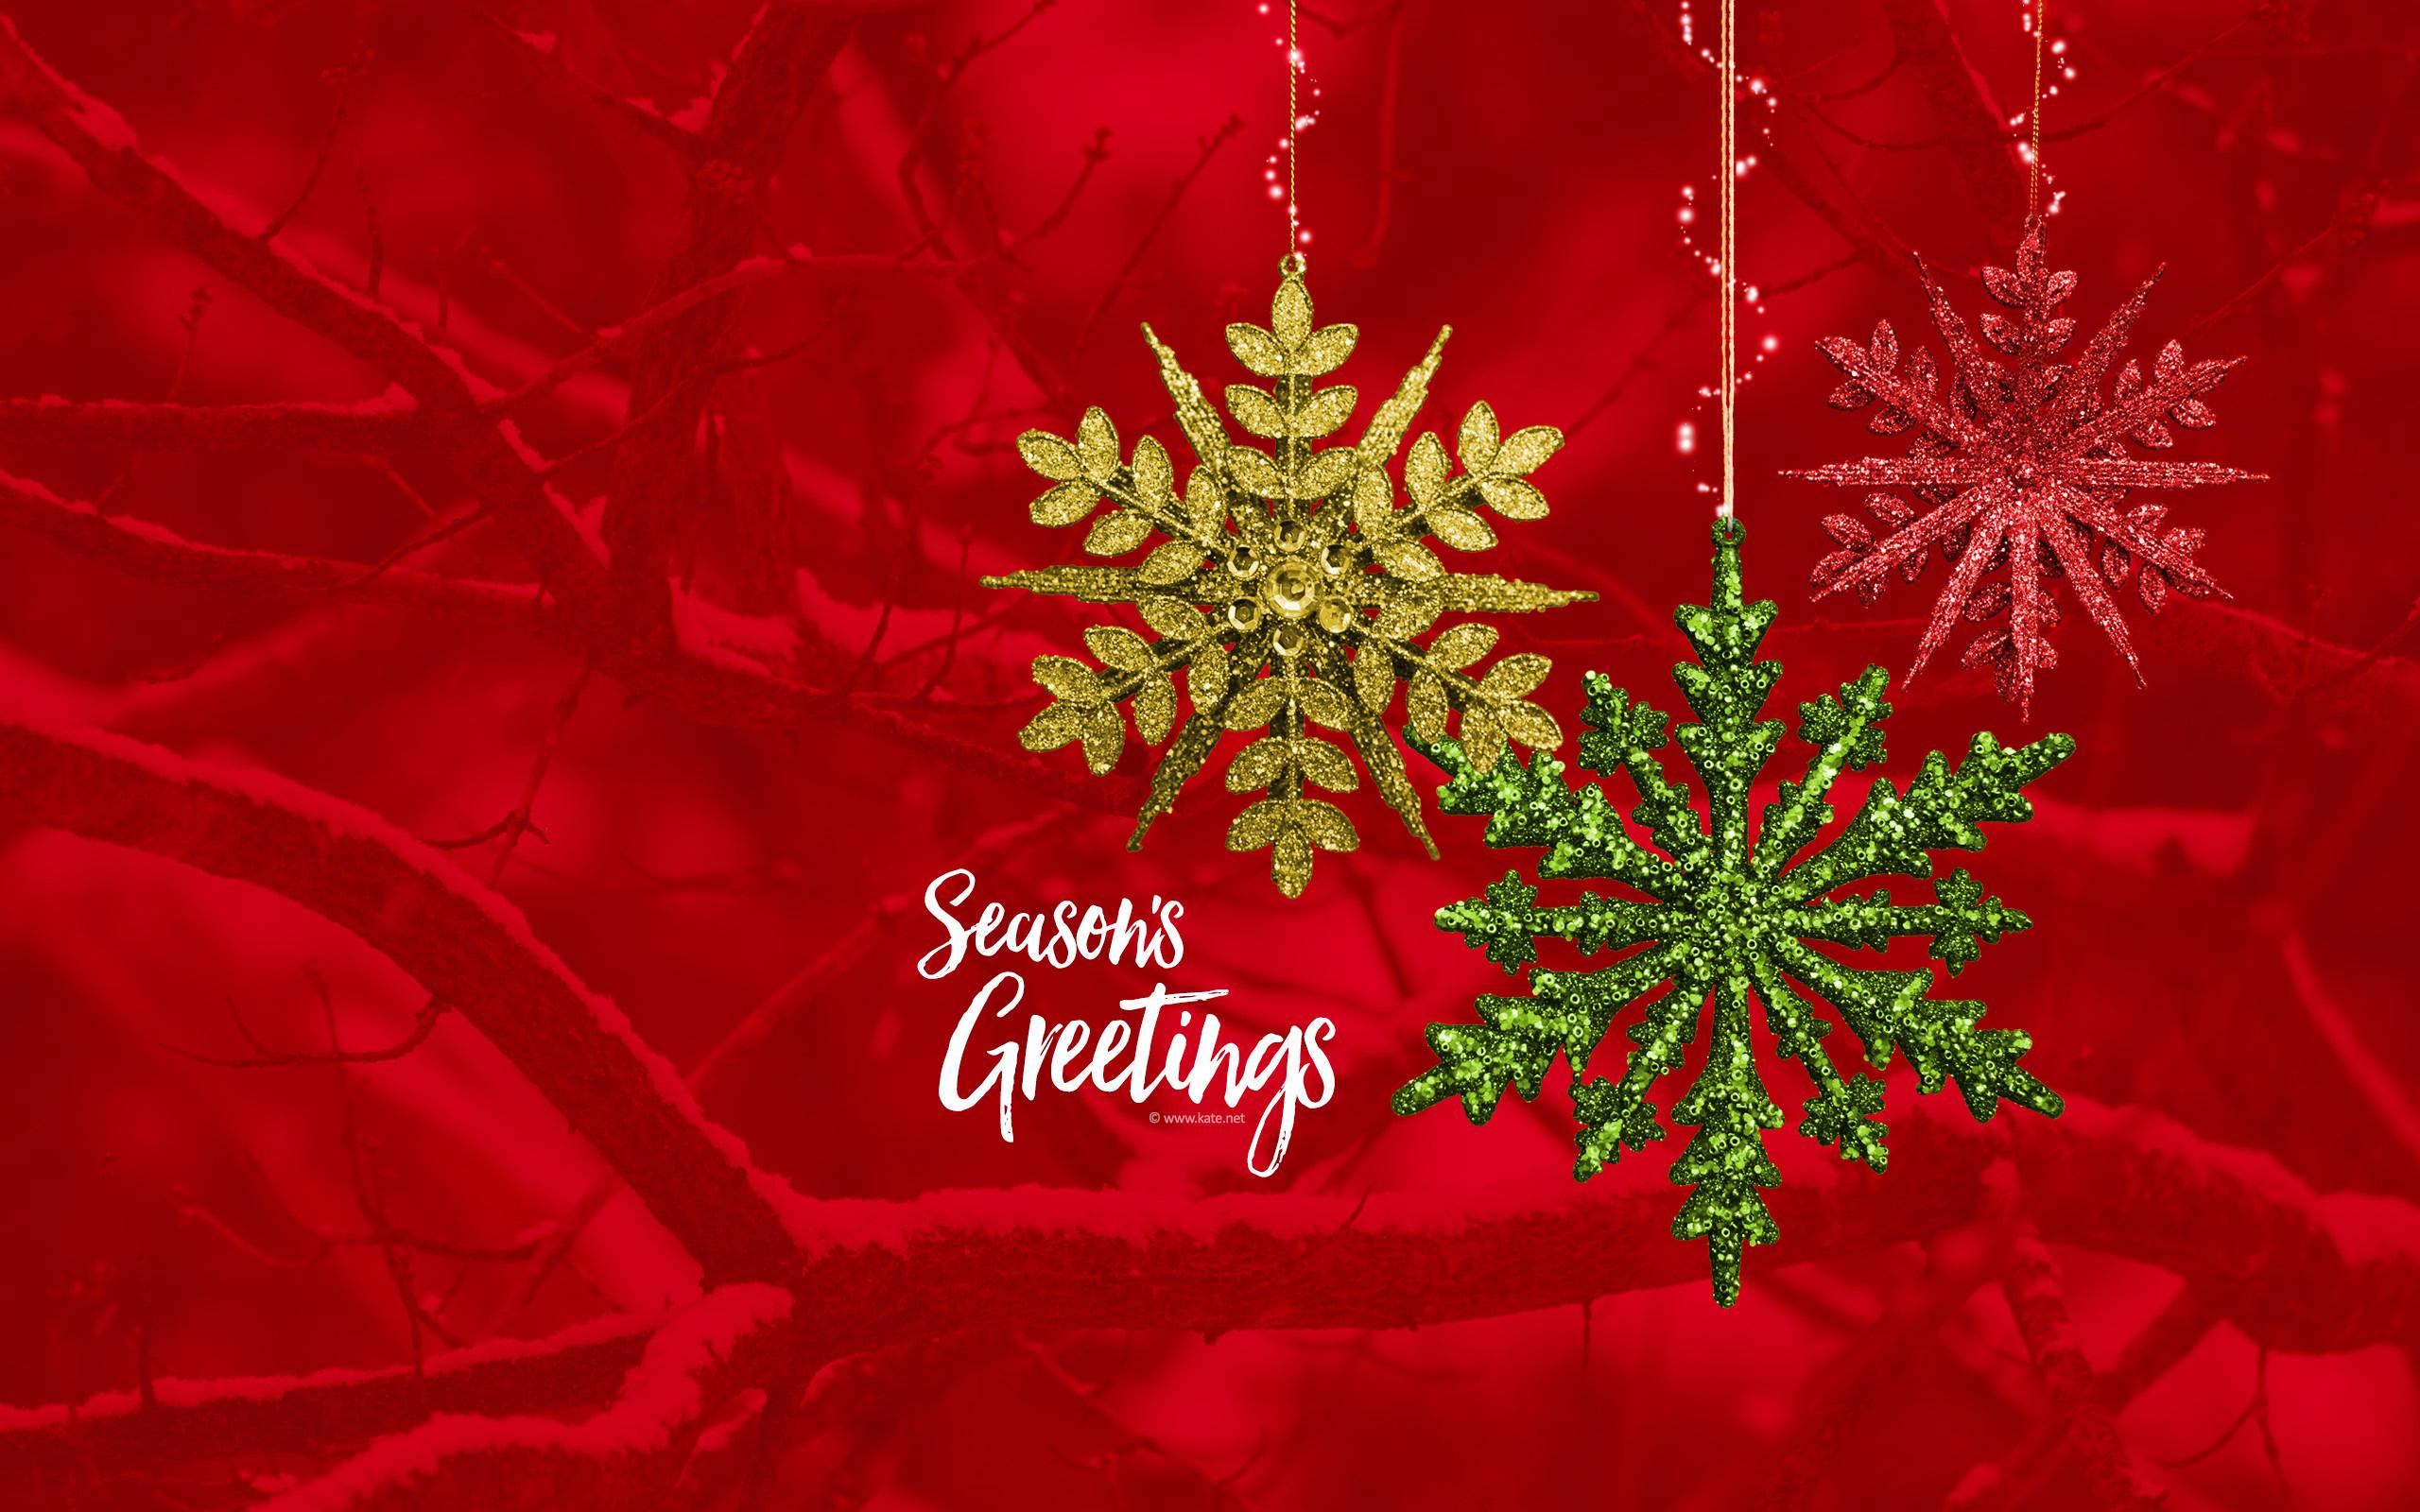 Seasons Greetings Wallpaper (58+ Images